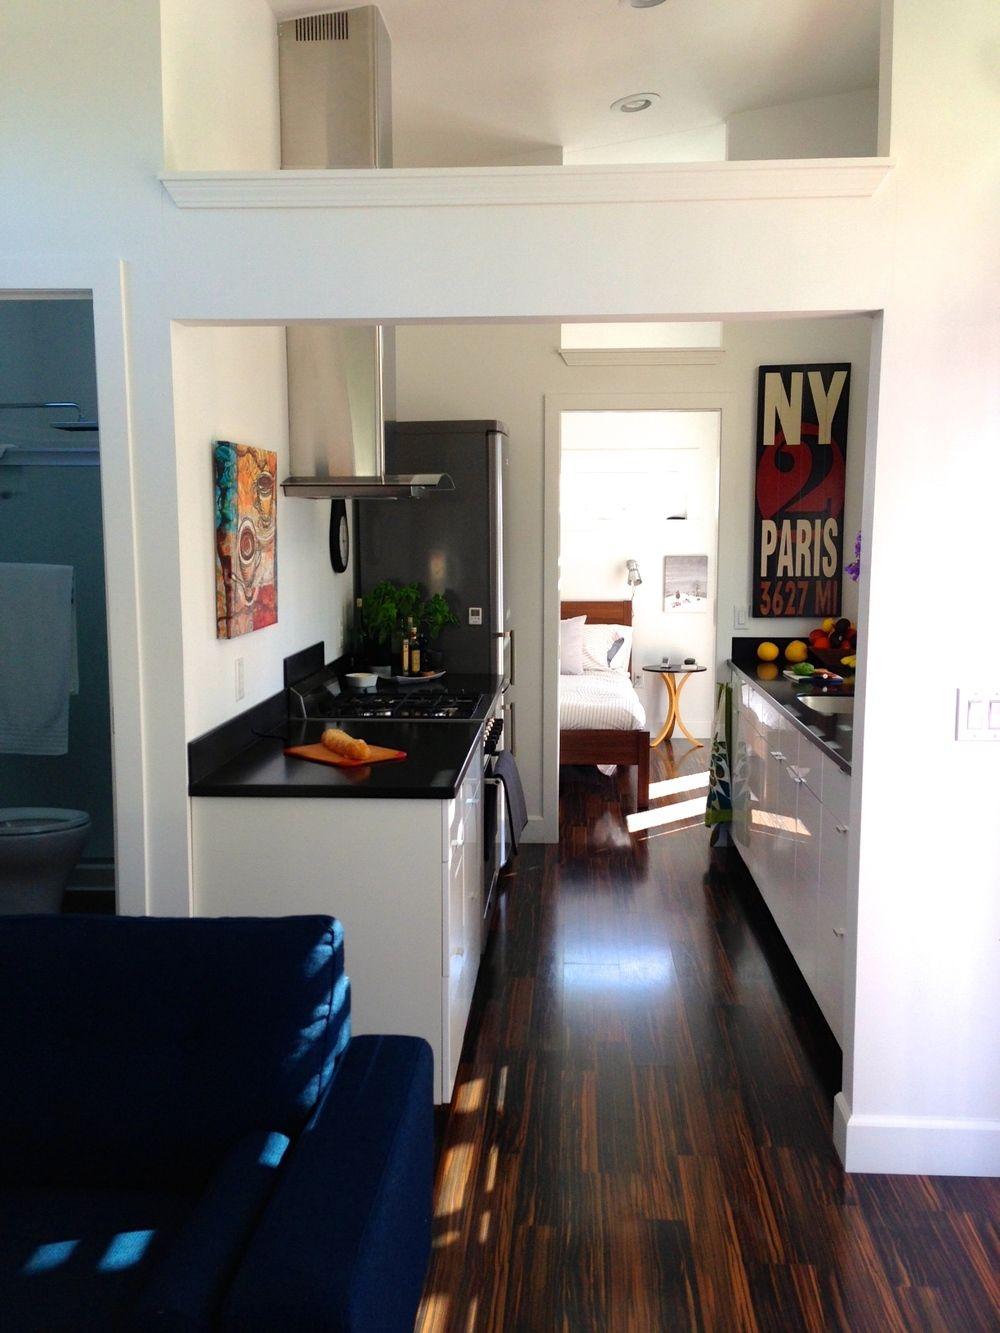 Ideabox Northwest 560ft Prefab Home. Kitchen and bathroom ...